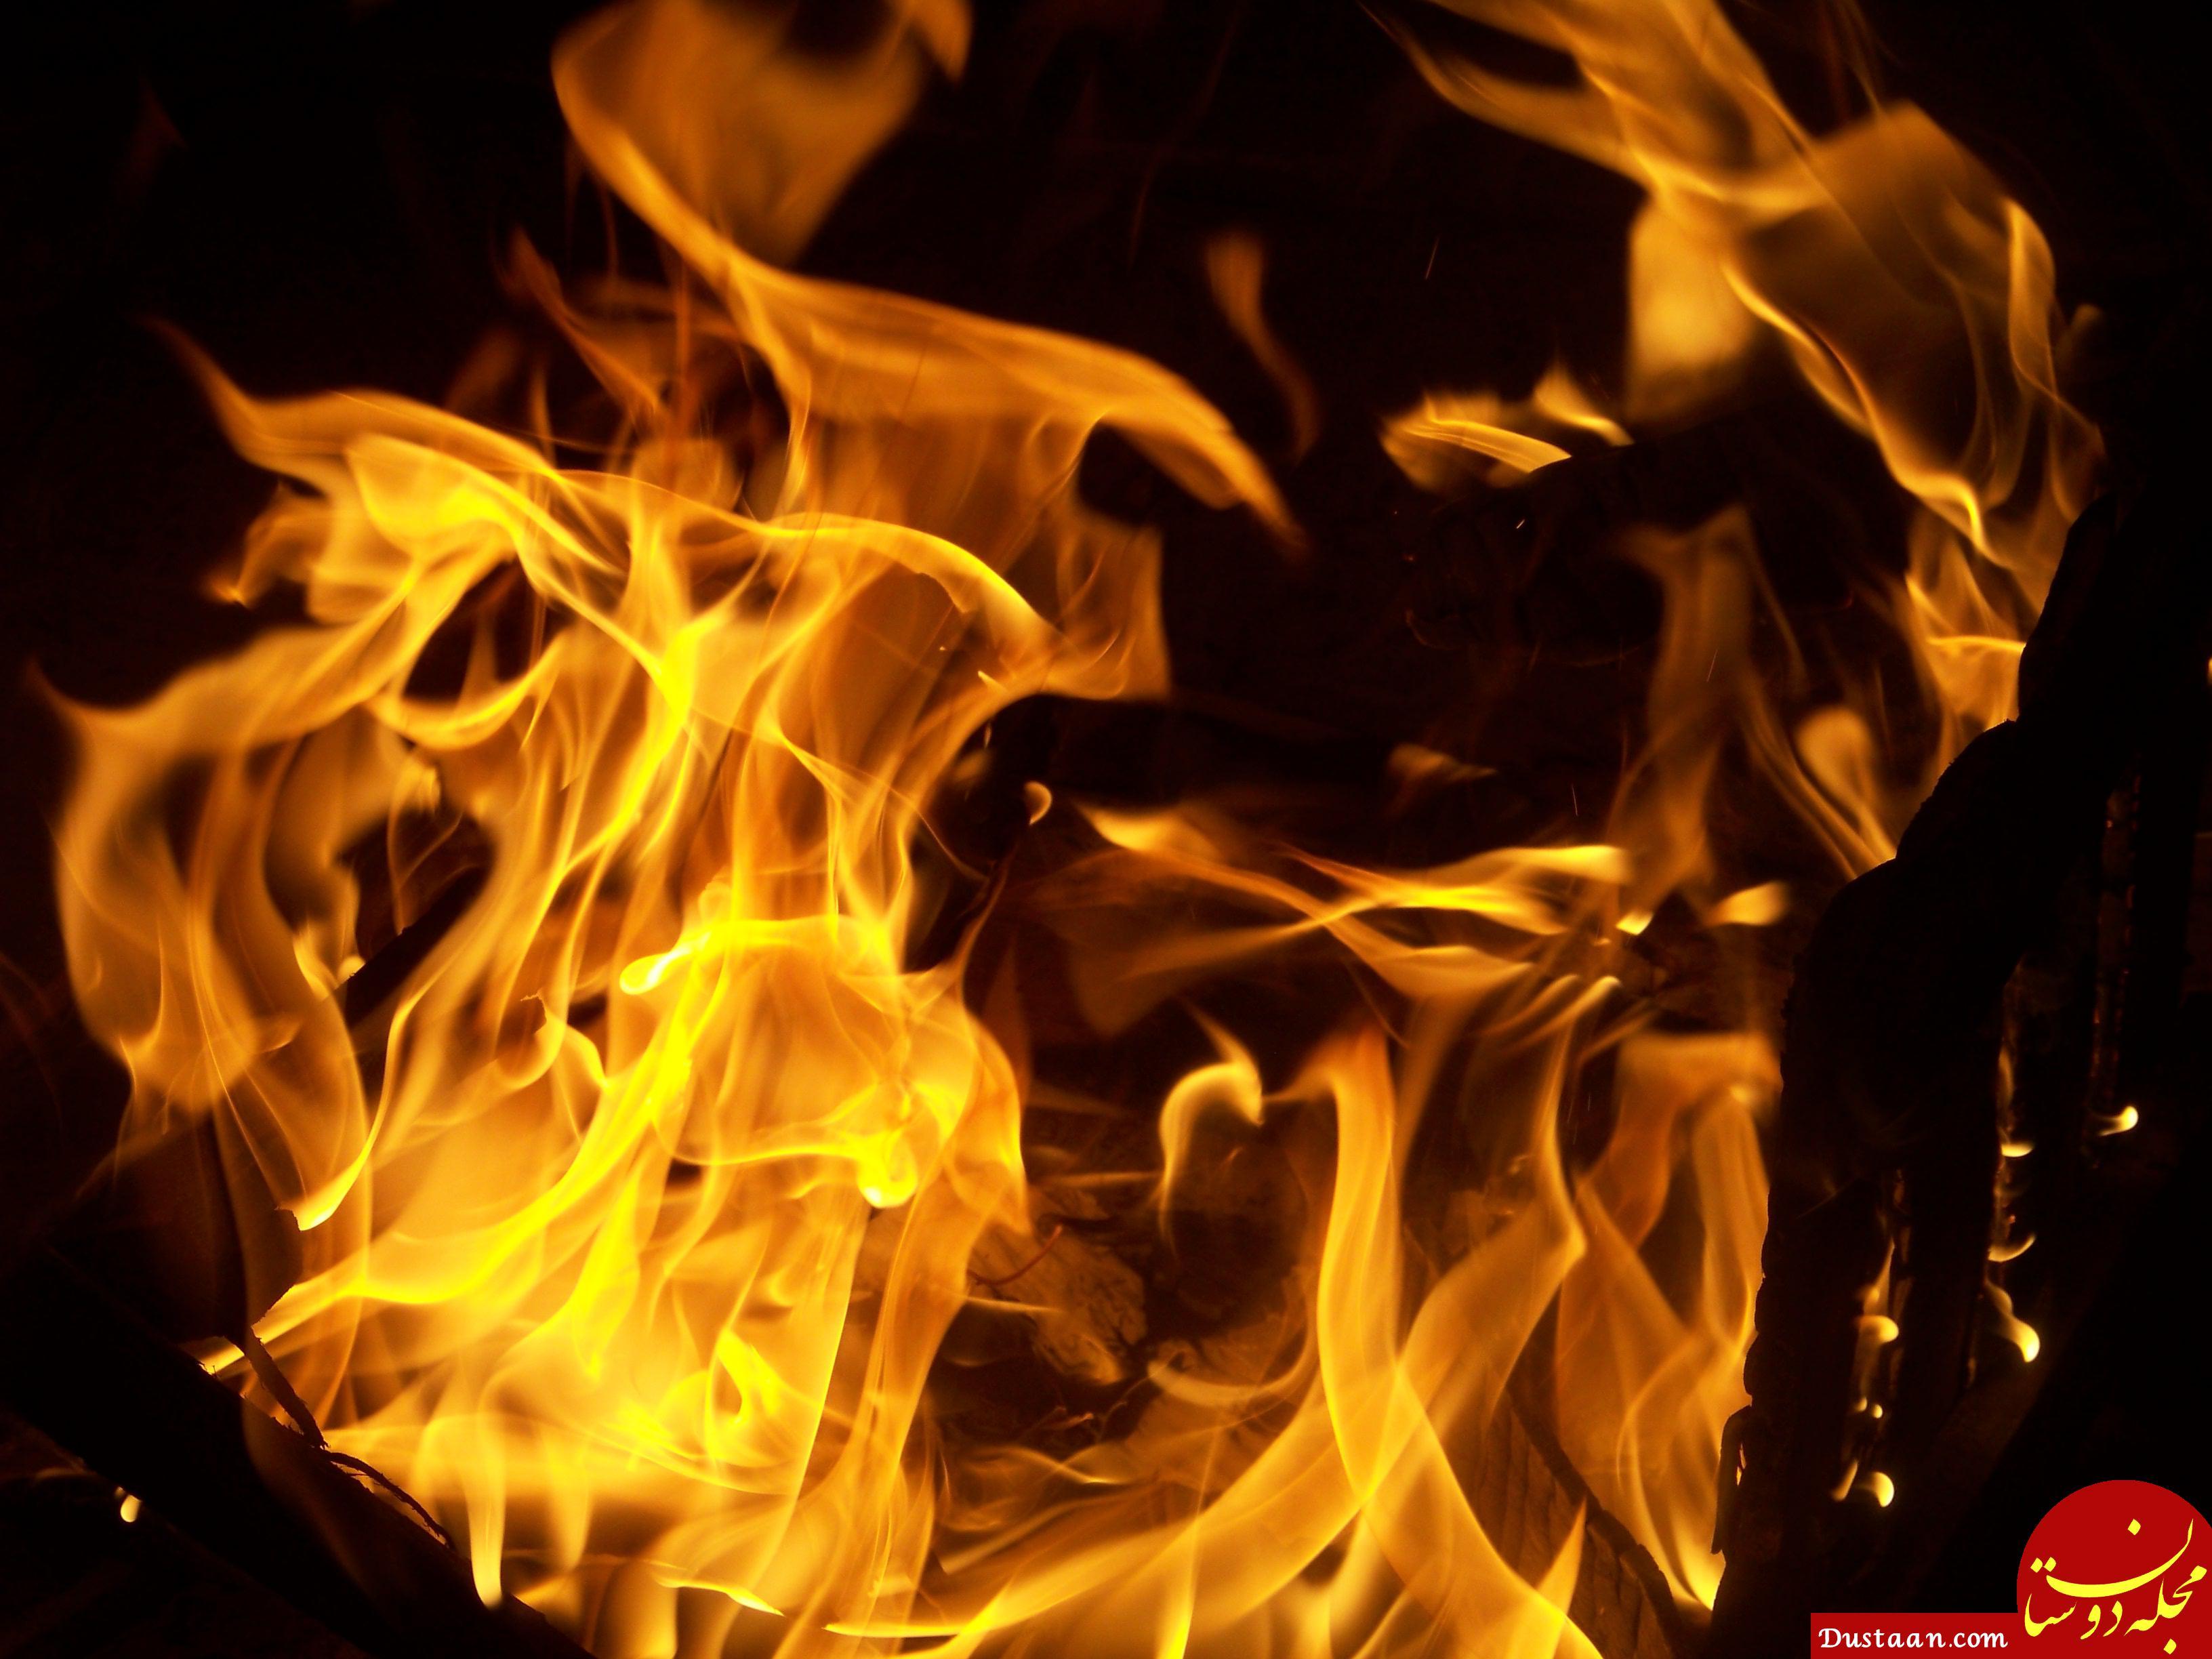 www.dustaan.com مرد تهرانی پسرش را زنده زنده در آتش سوزاند